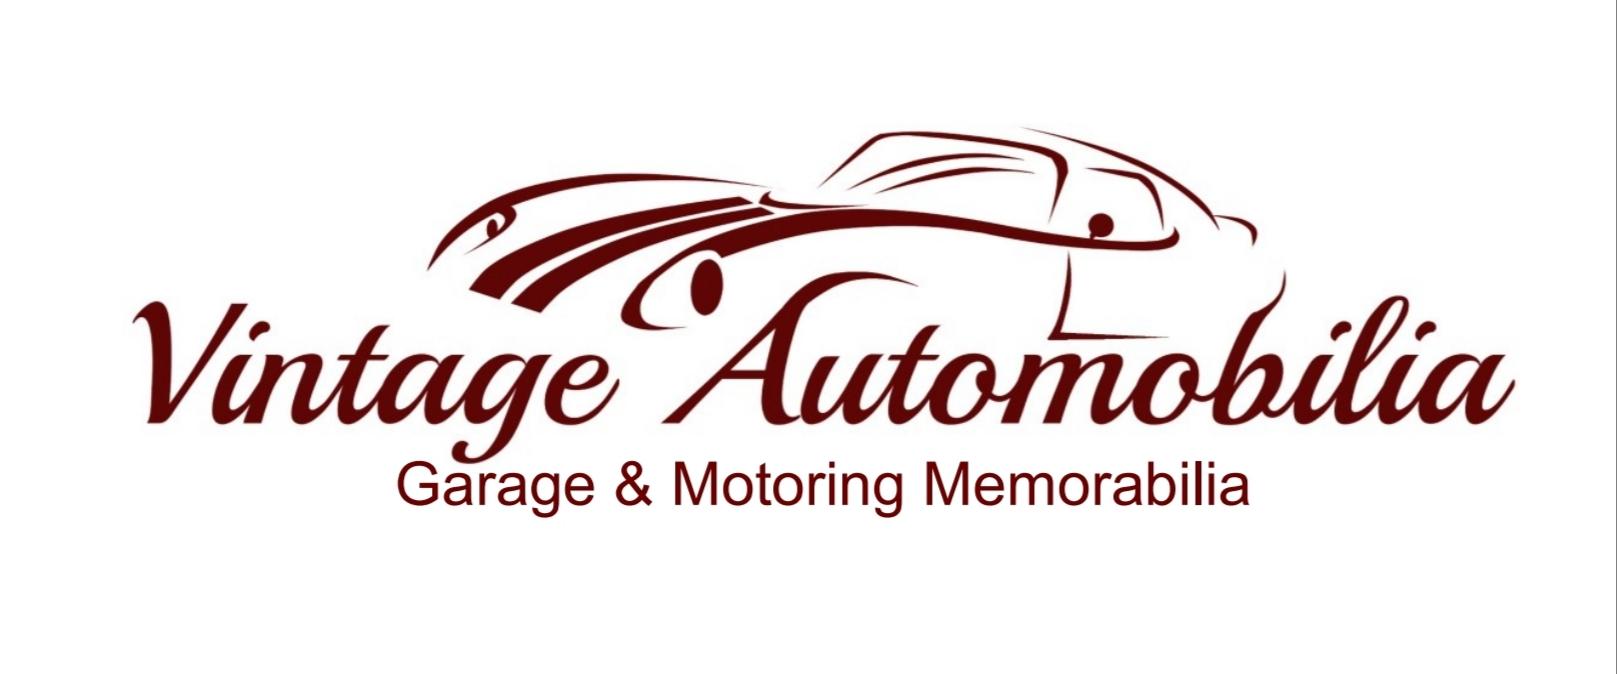 Vintage Automobilia - Garage & Motoring Memorabilia, Petrol